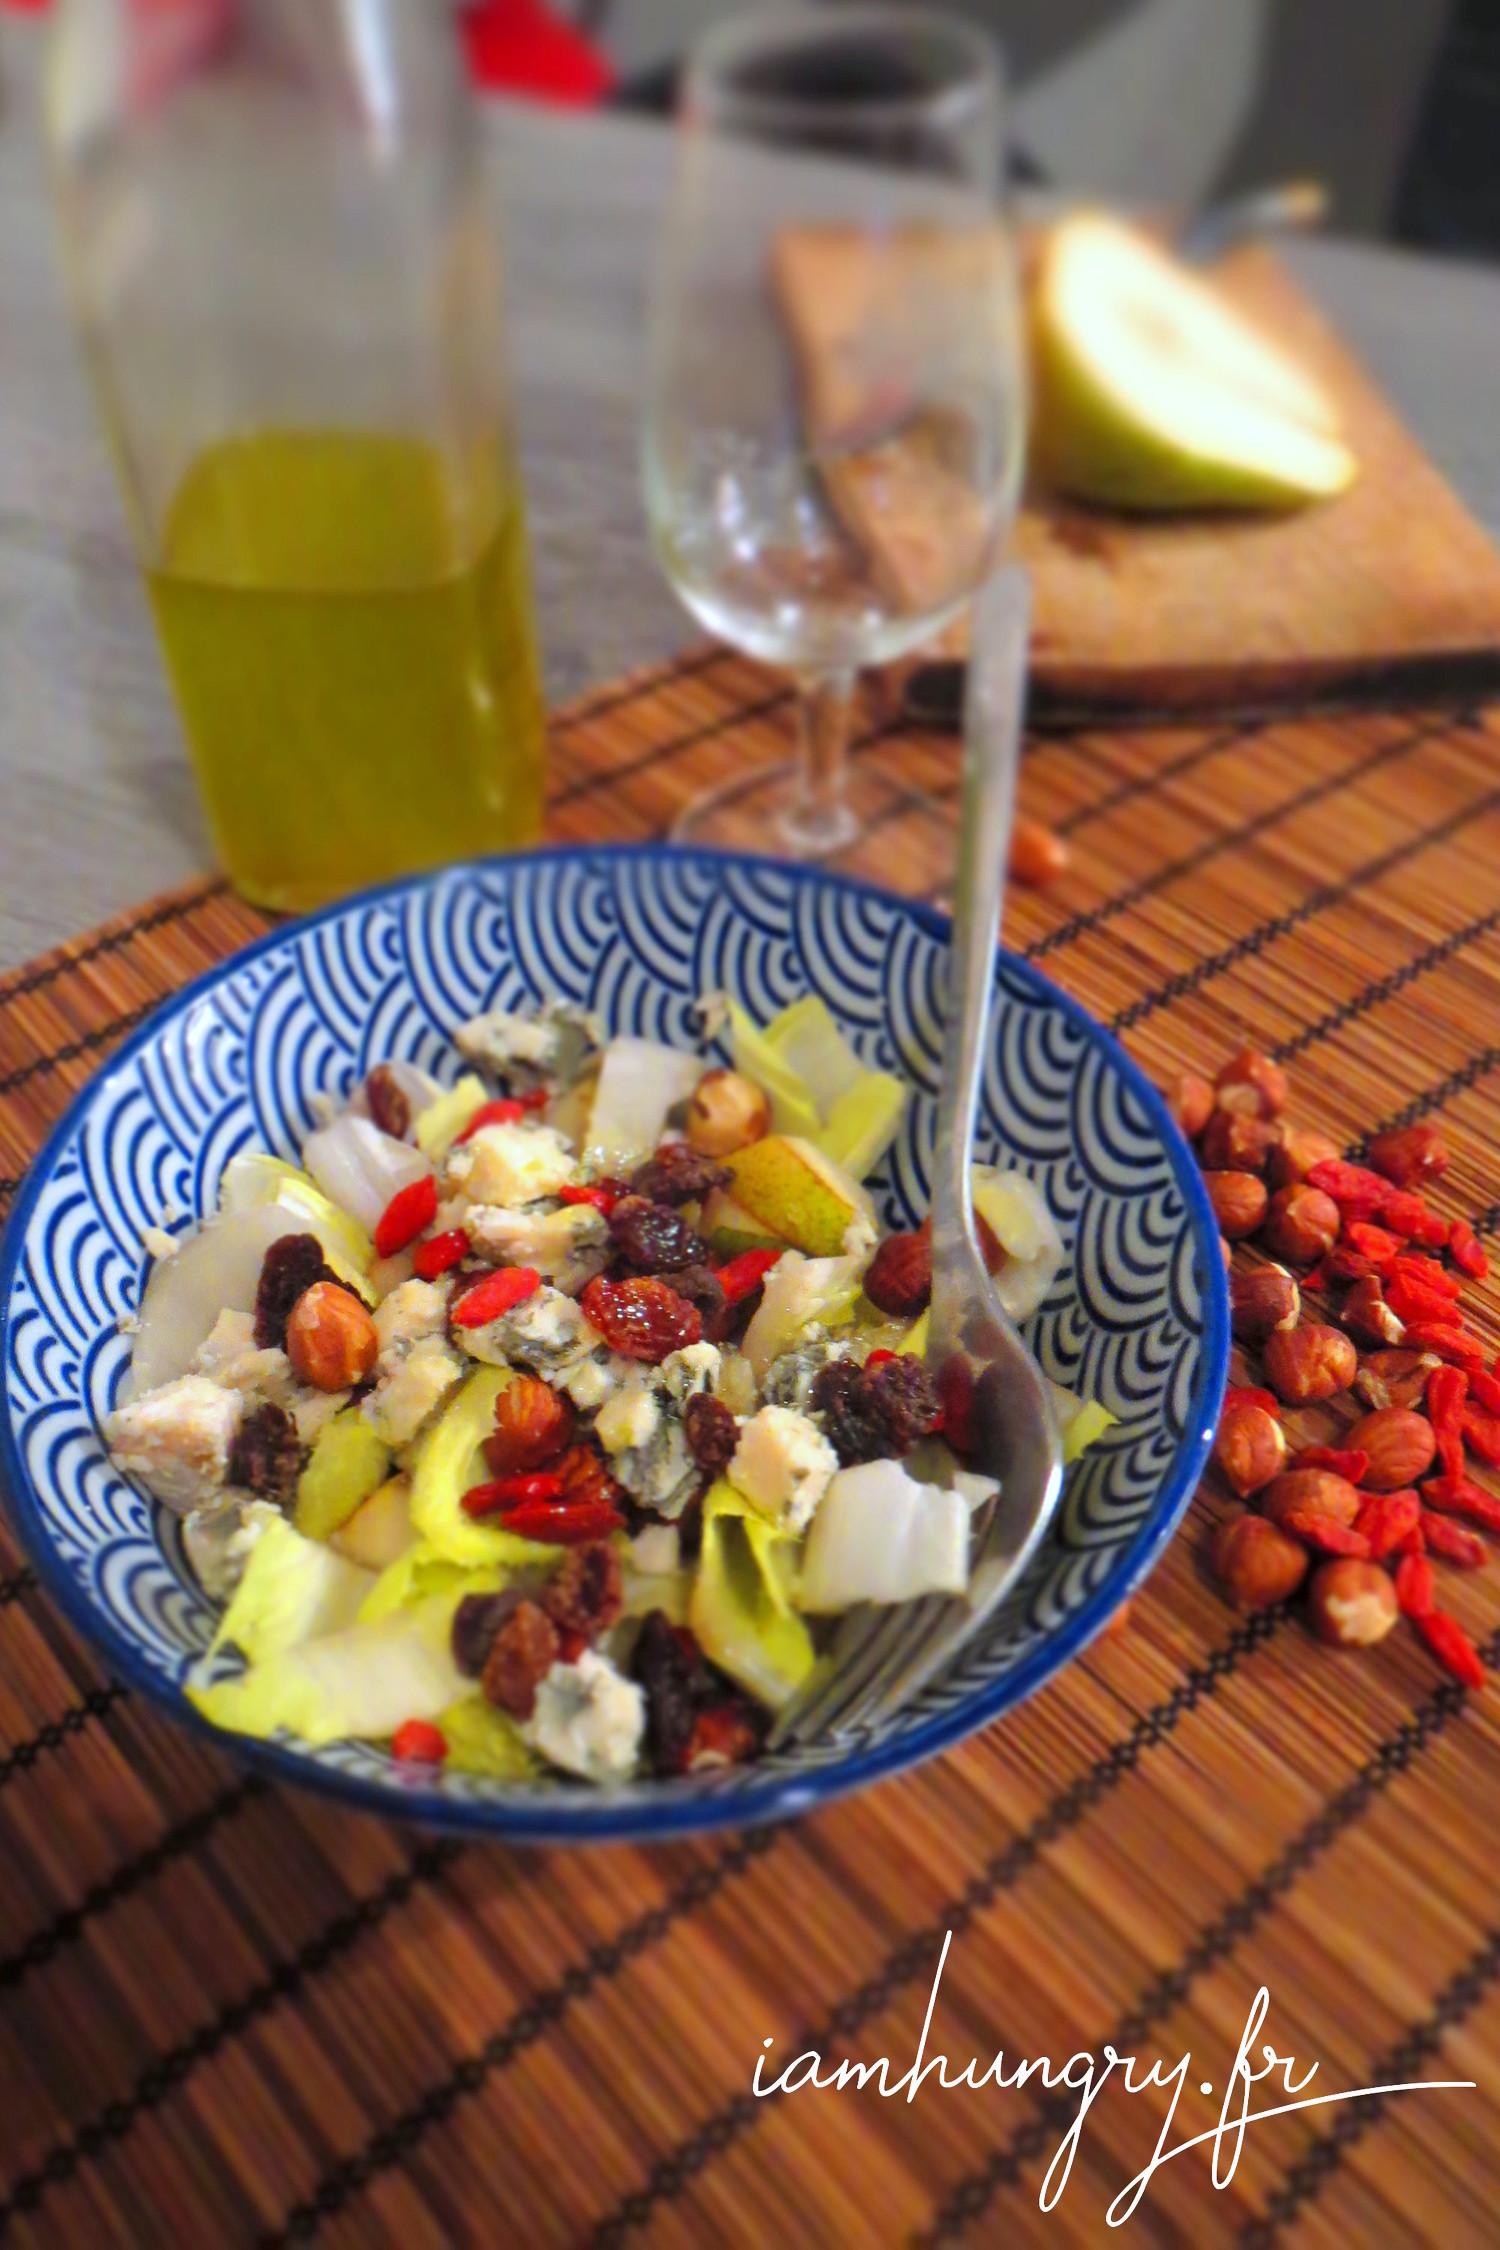 Salade d'endives aux poires roquefort et fruits secs